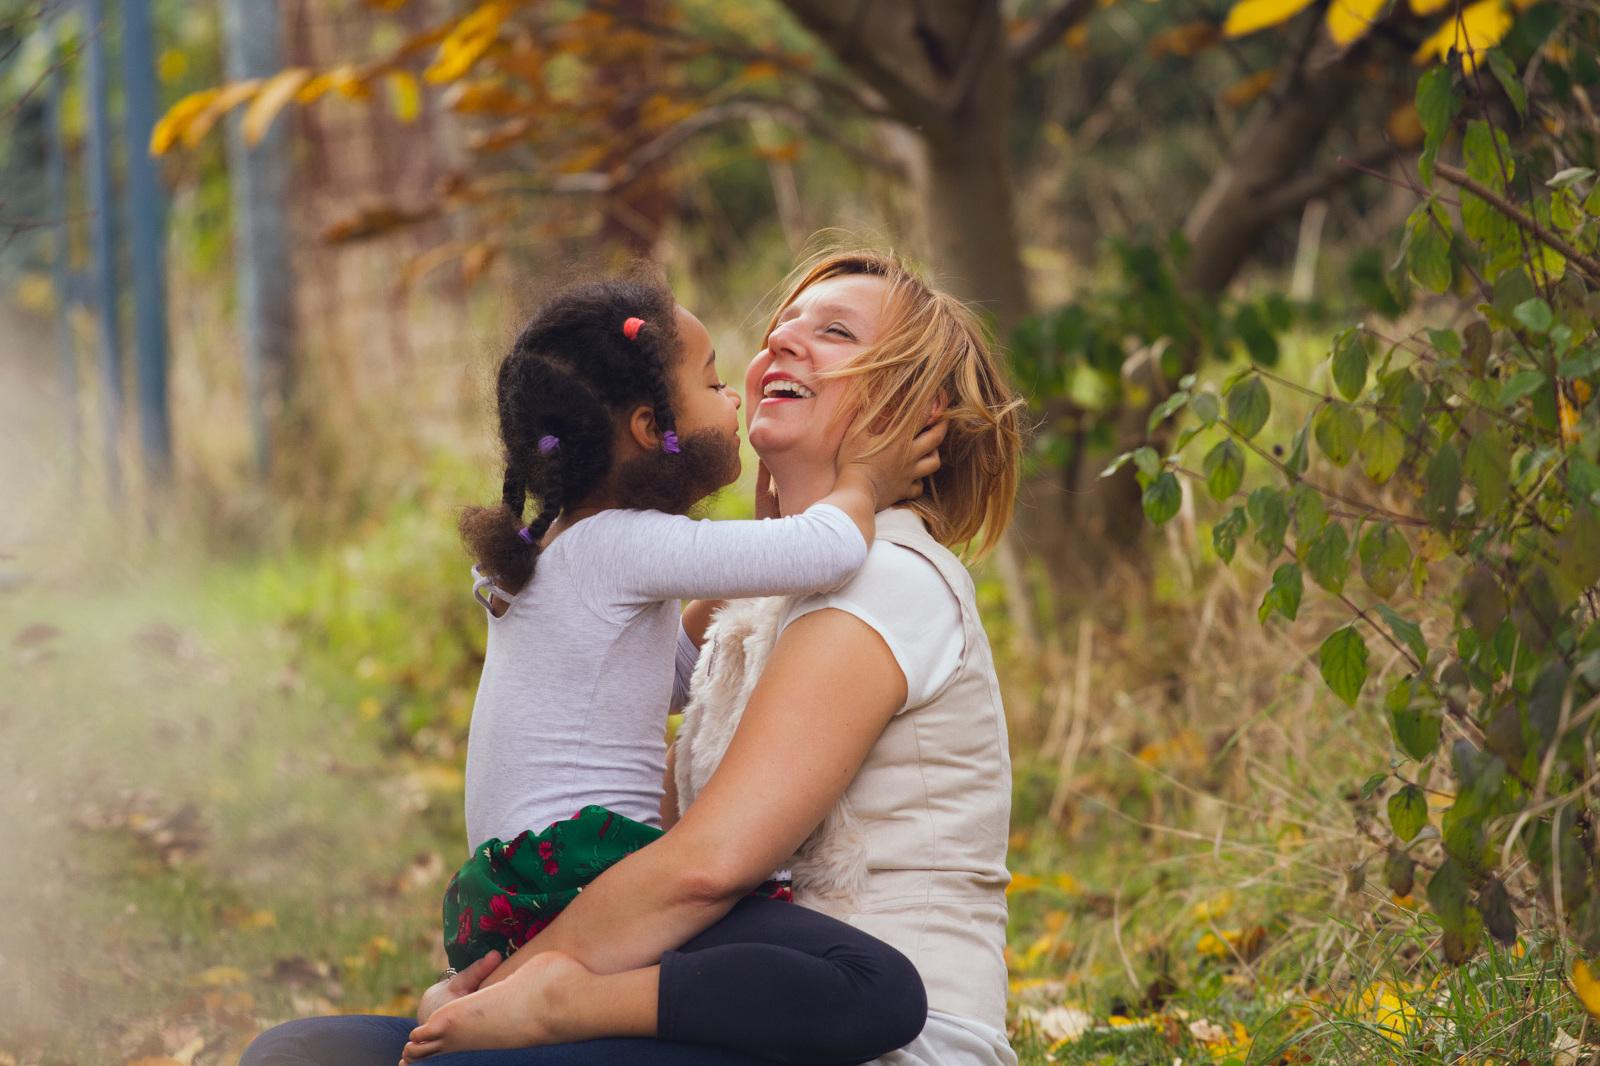 Dcera s mámou v objetí